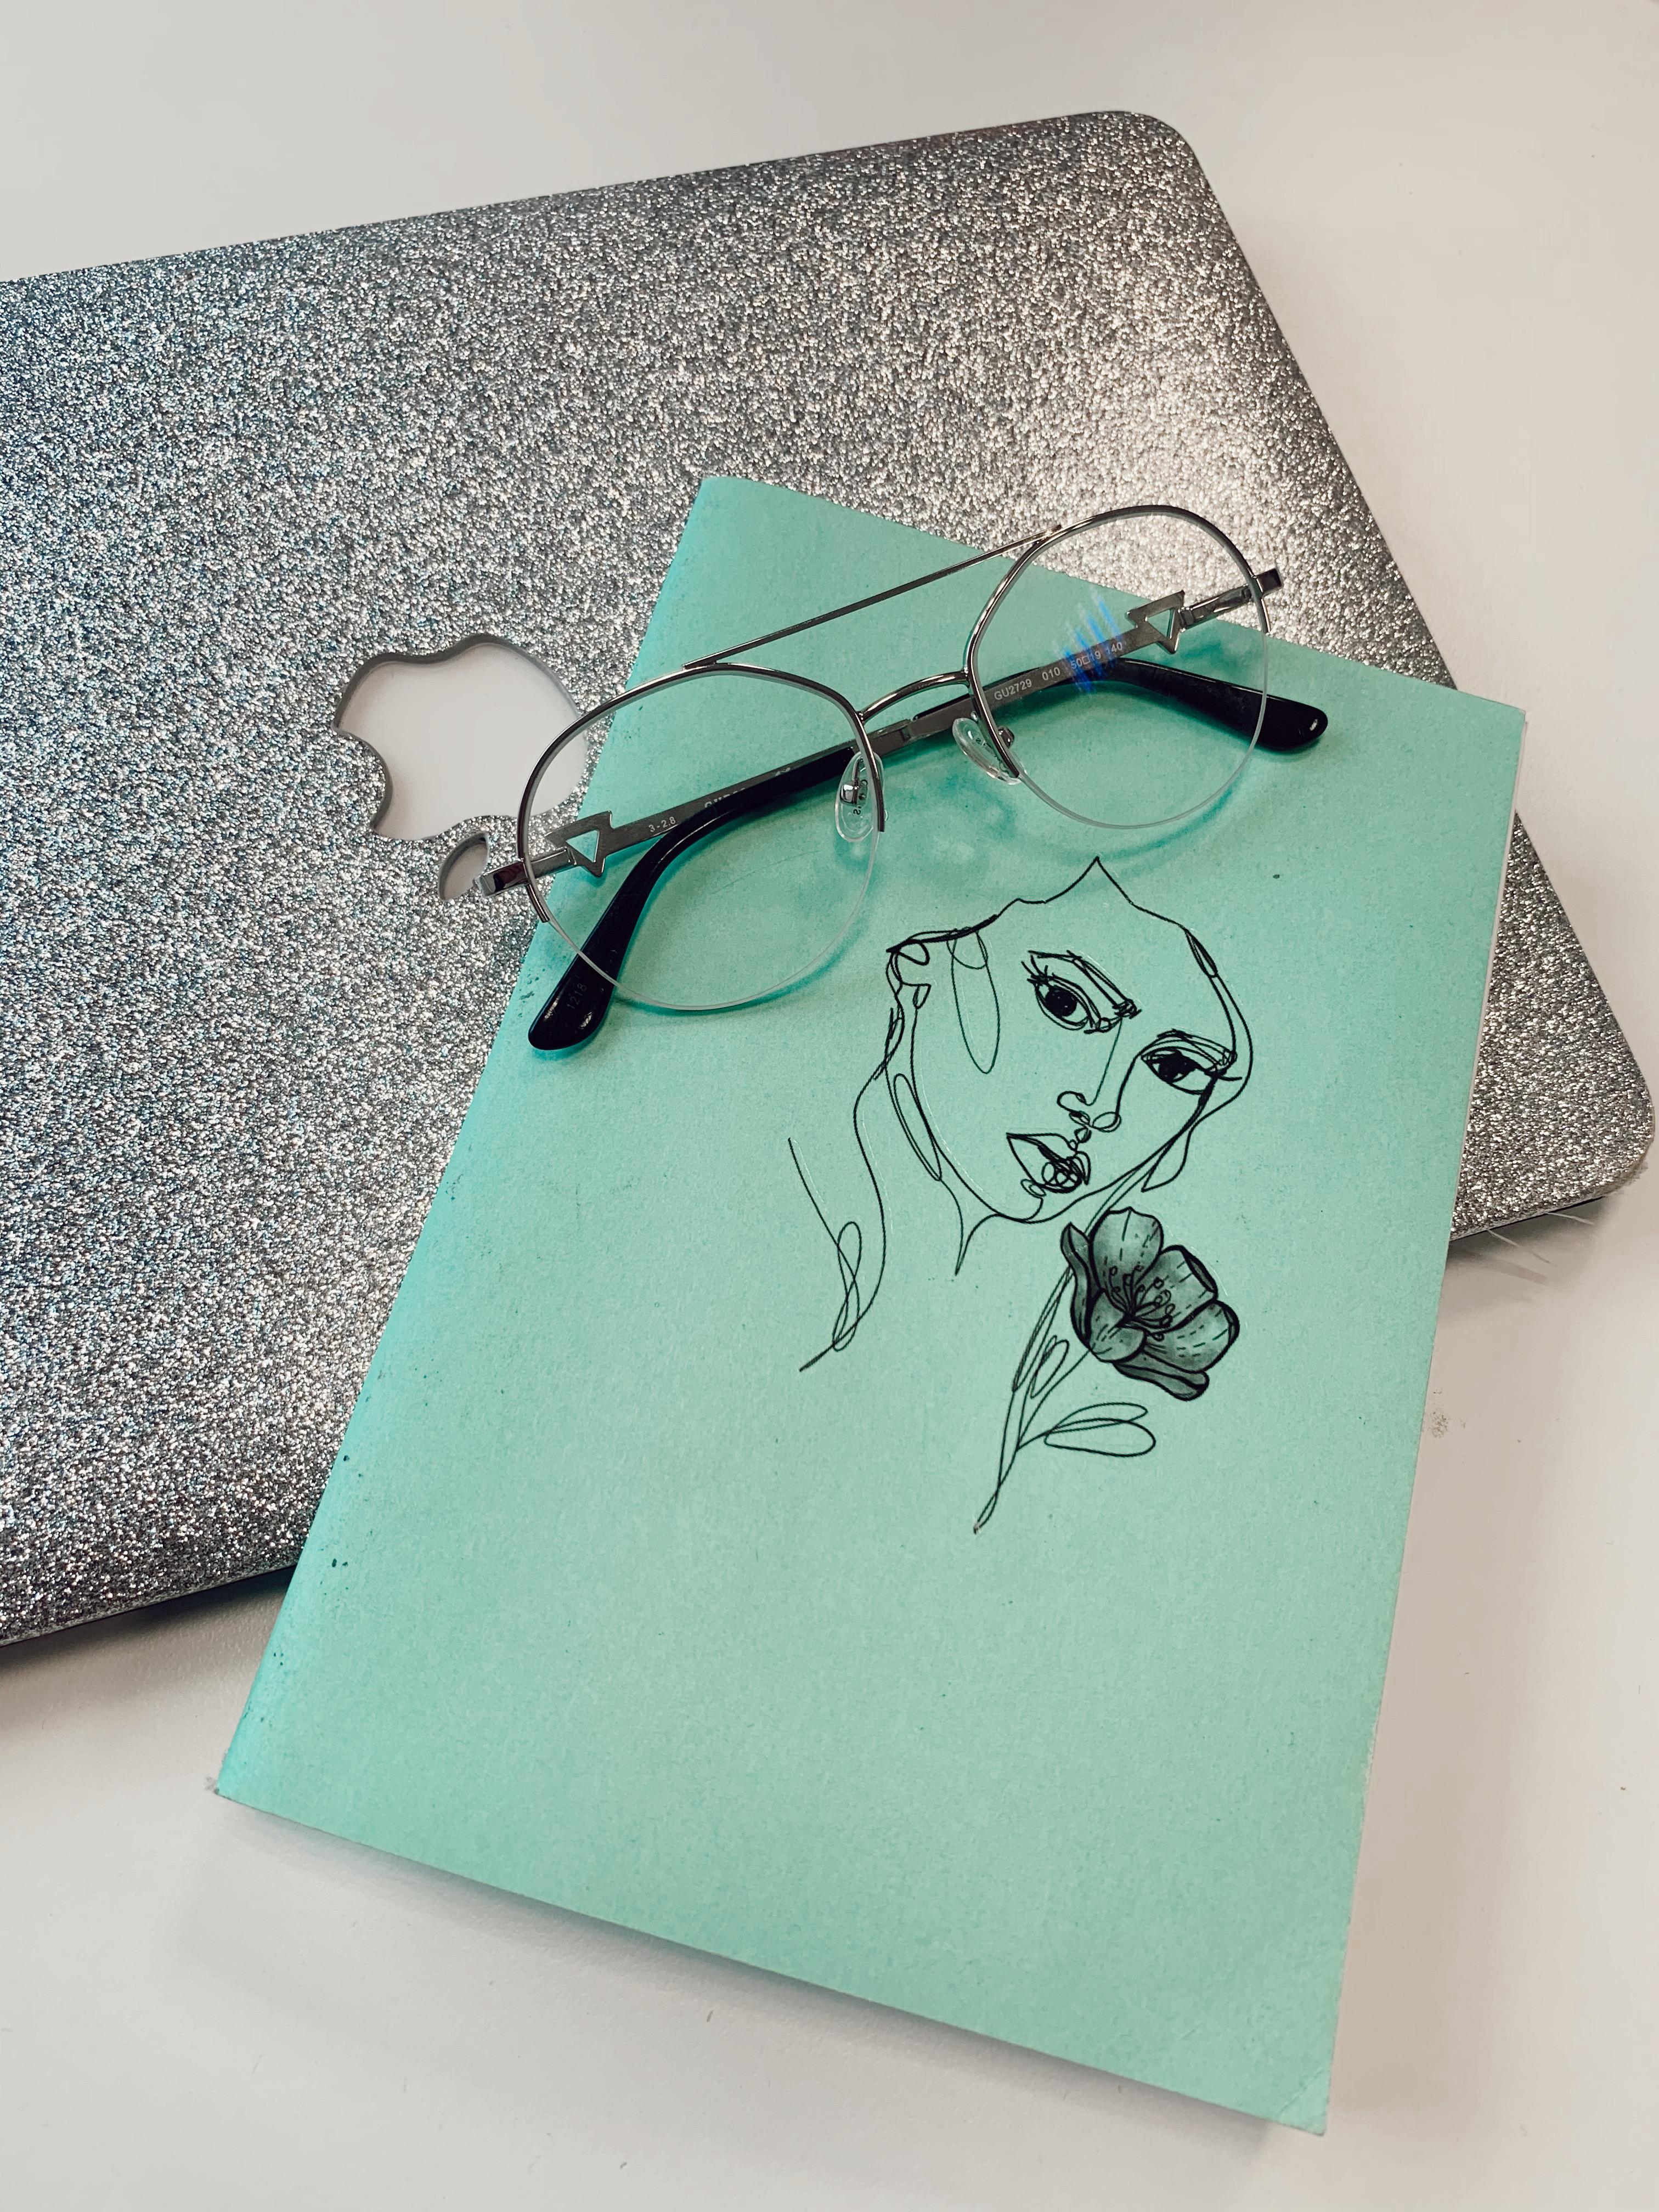 cahier customisé avec tatouage ephemere